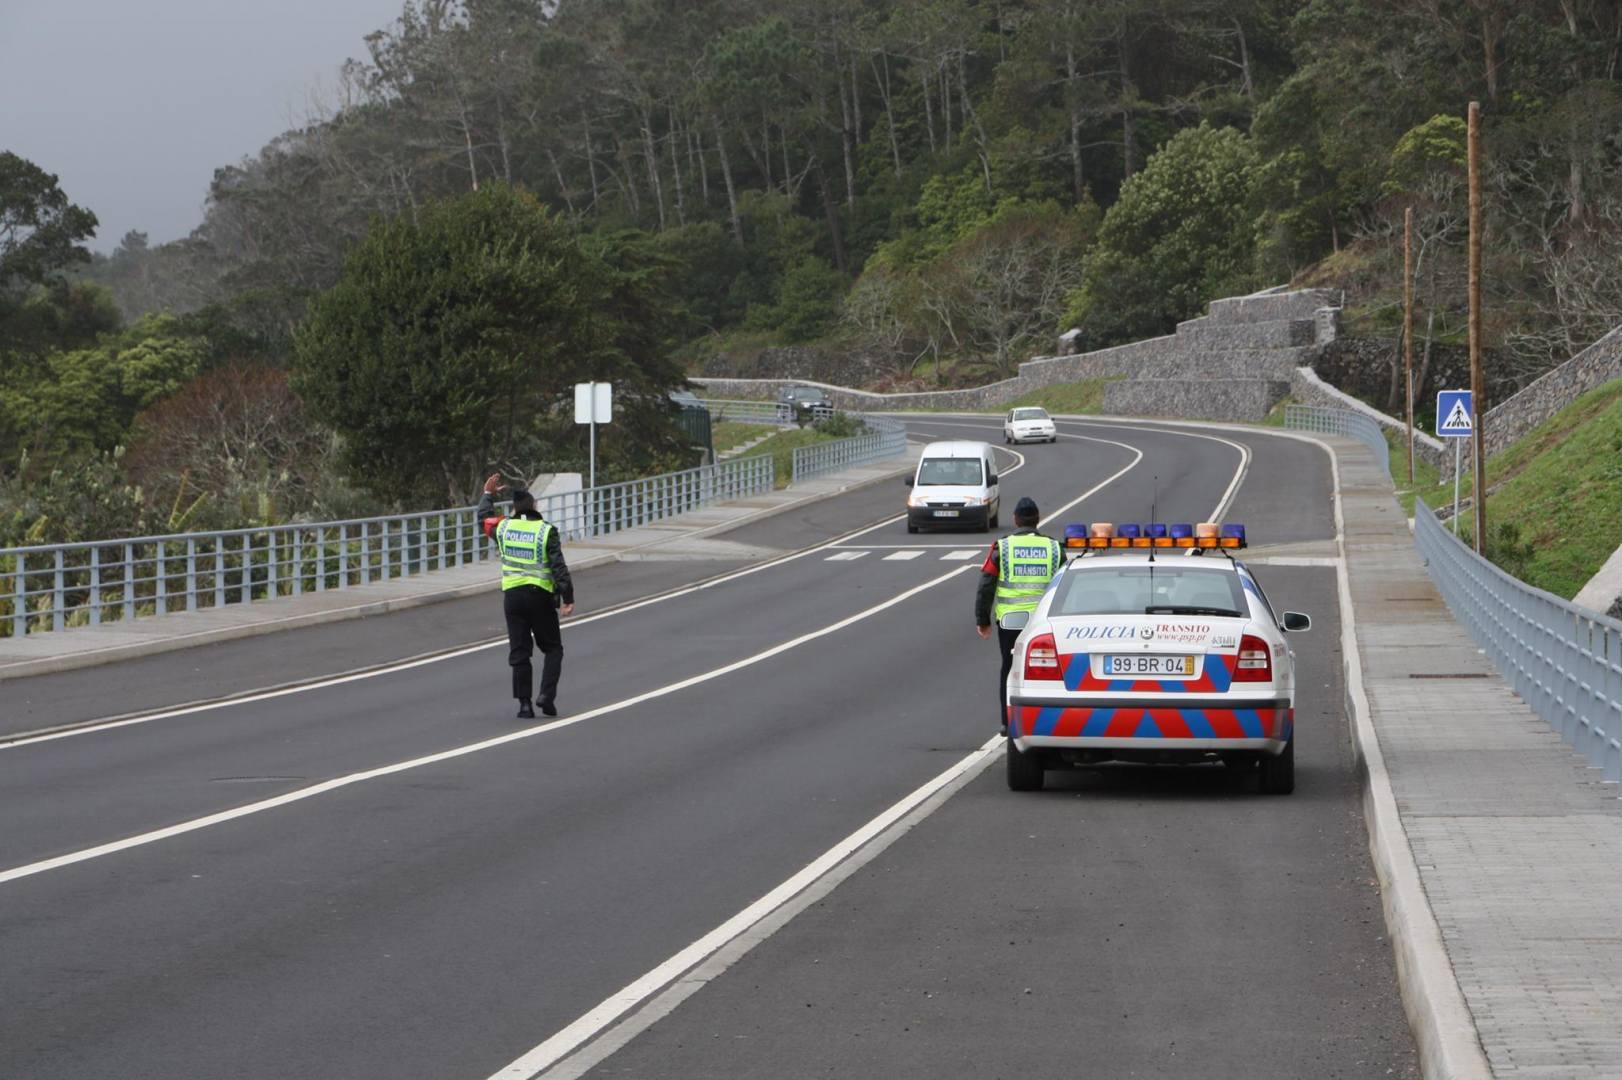 Foto/ PSP – Divisão Policial de Angra do Heroísmo